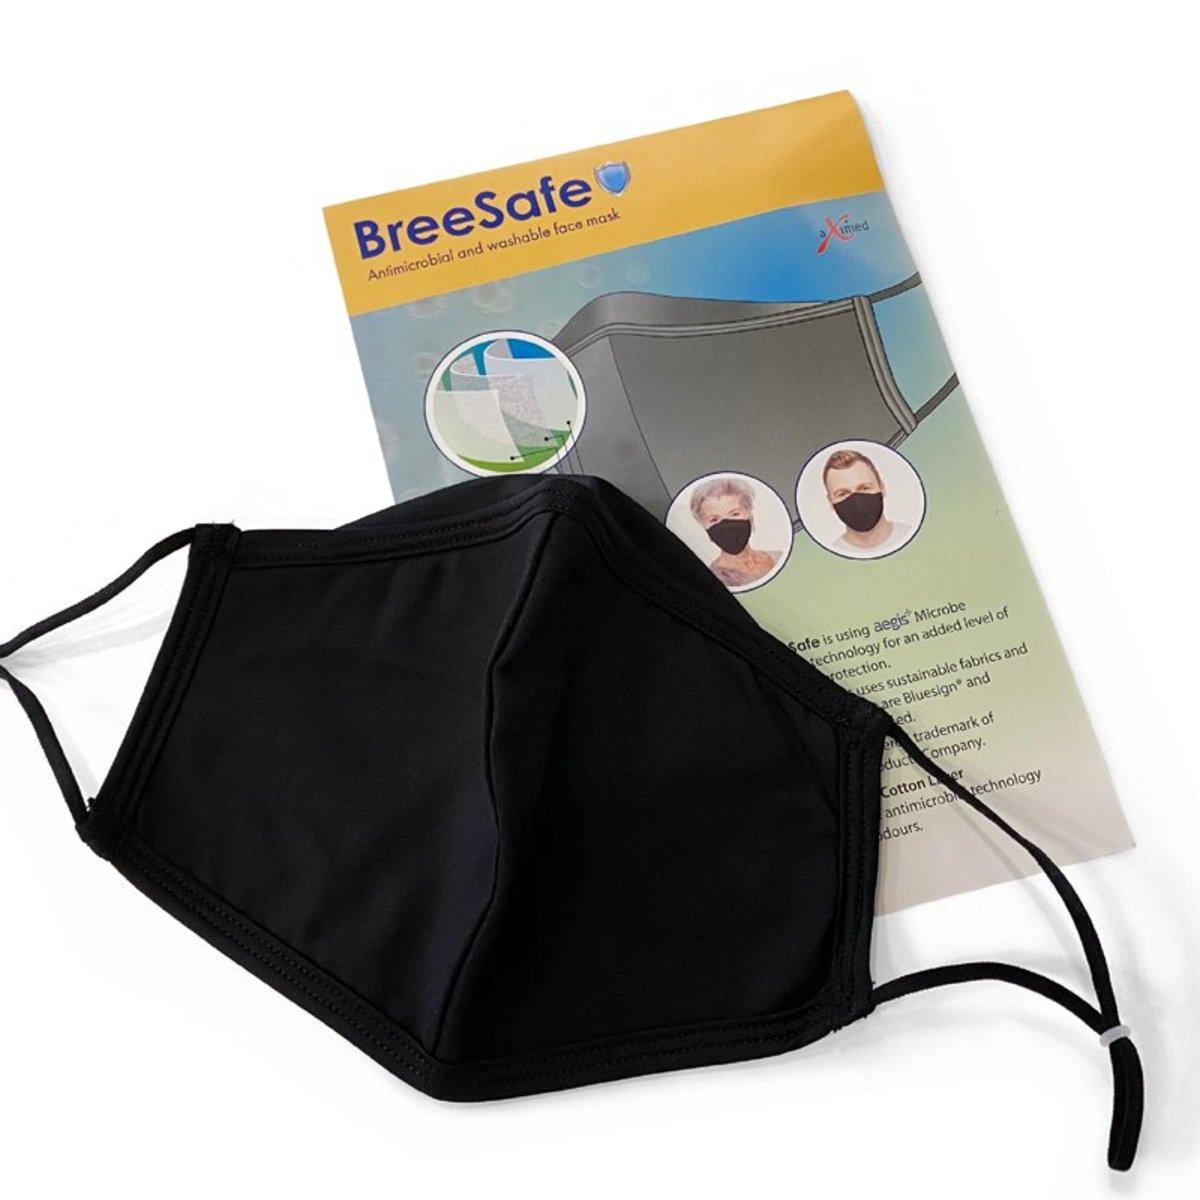 挪威阿斯麥 | BreeSafe 三層可重用抗菌口罩 (黑色) | 香港電視 HKTVmall 網上購物